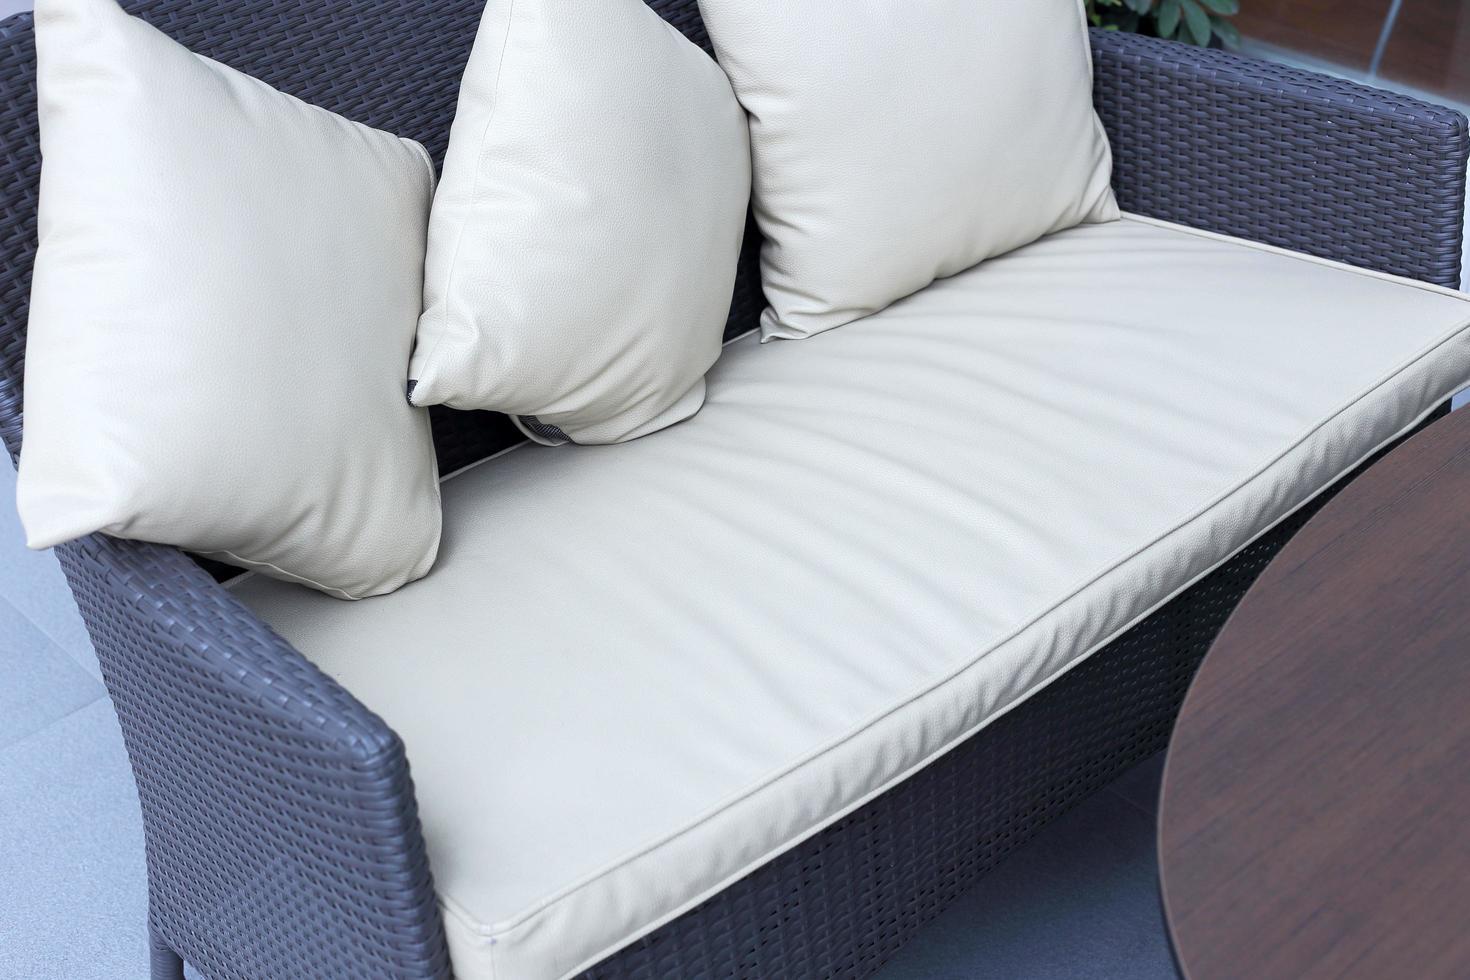 Oreillers décoratifs blancs sur un canapé en bois dans le salon photo